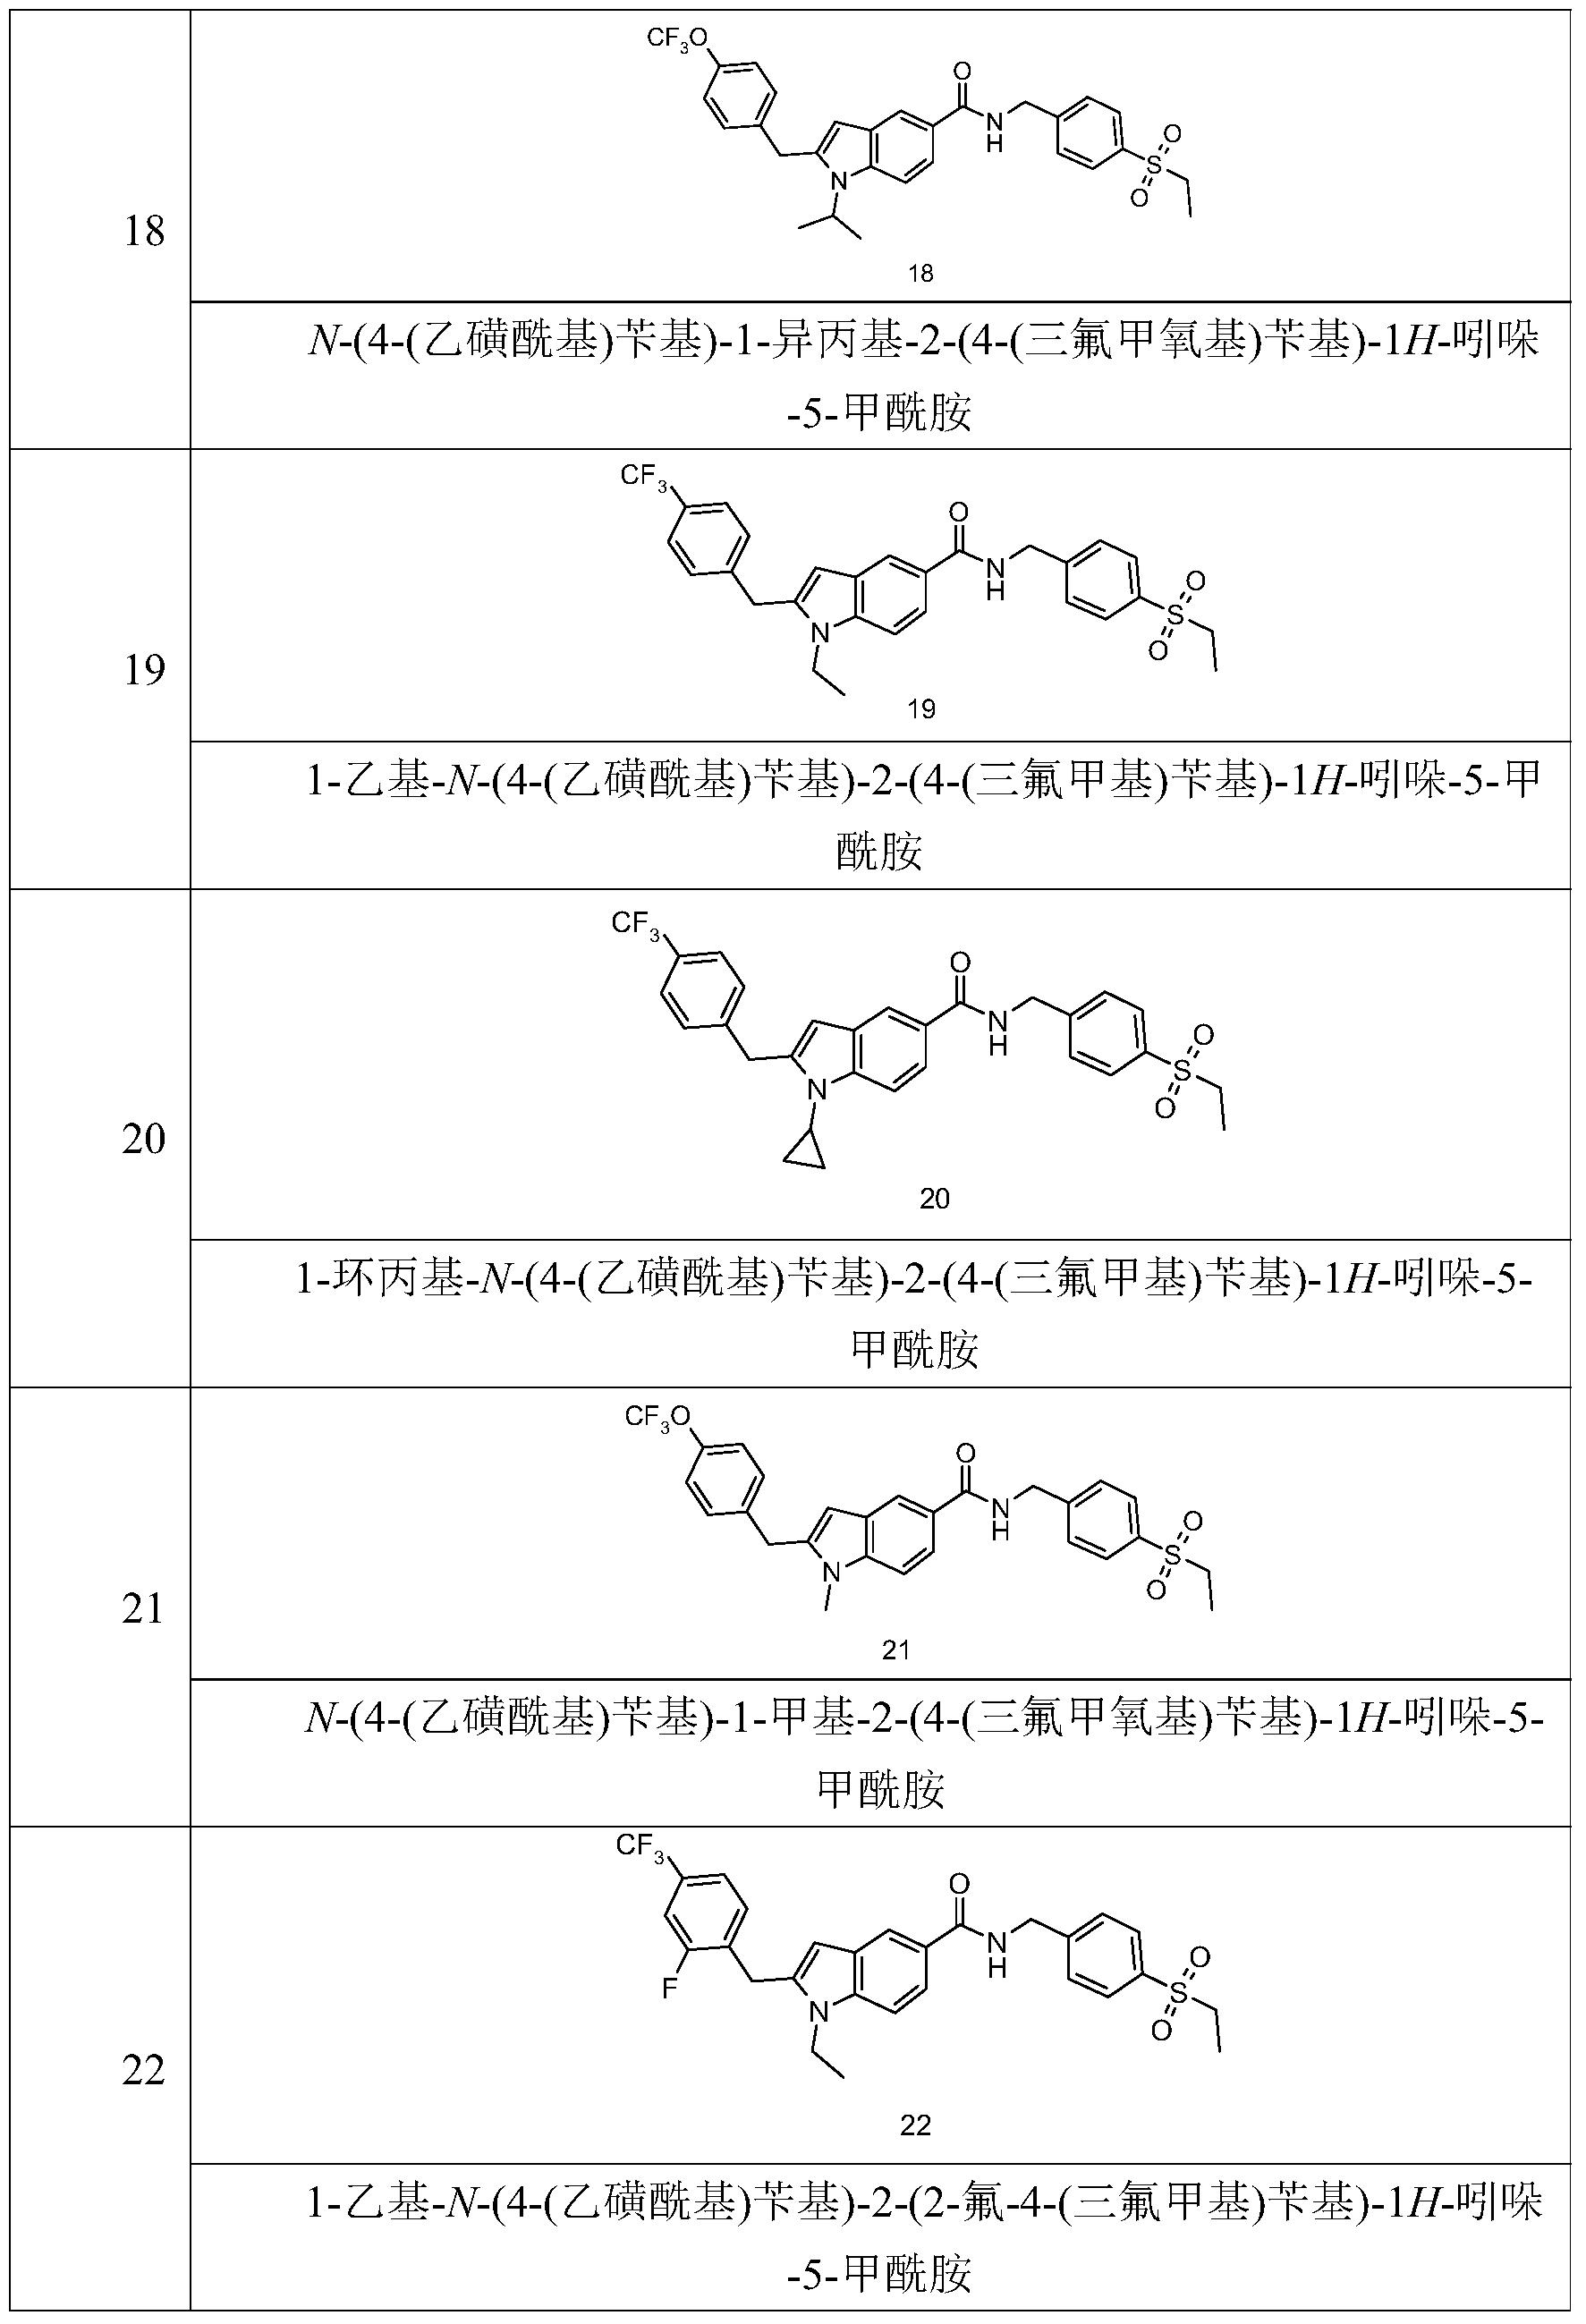 Figure PCTCN2017077114-appb-000016